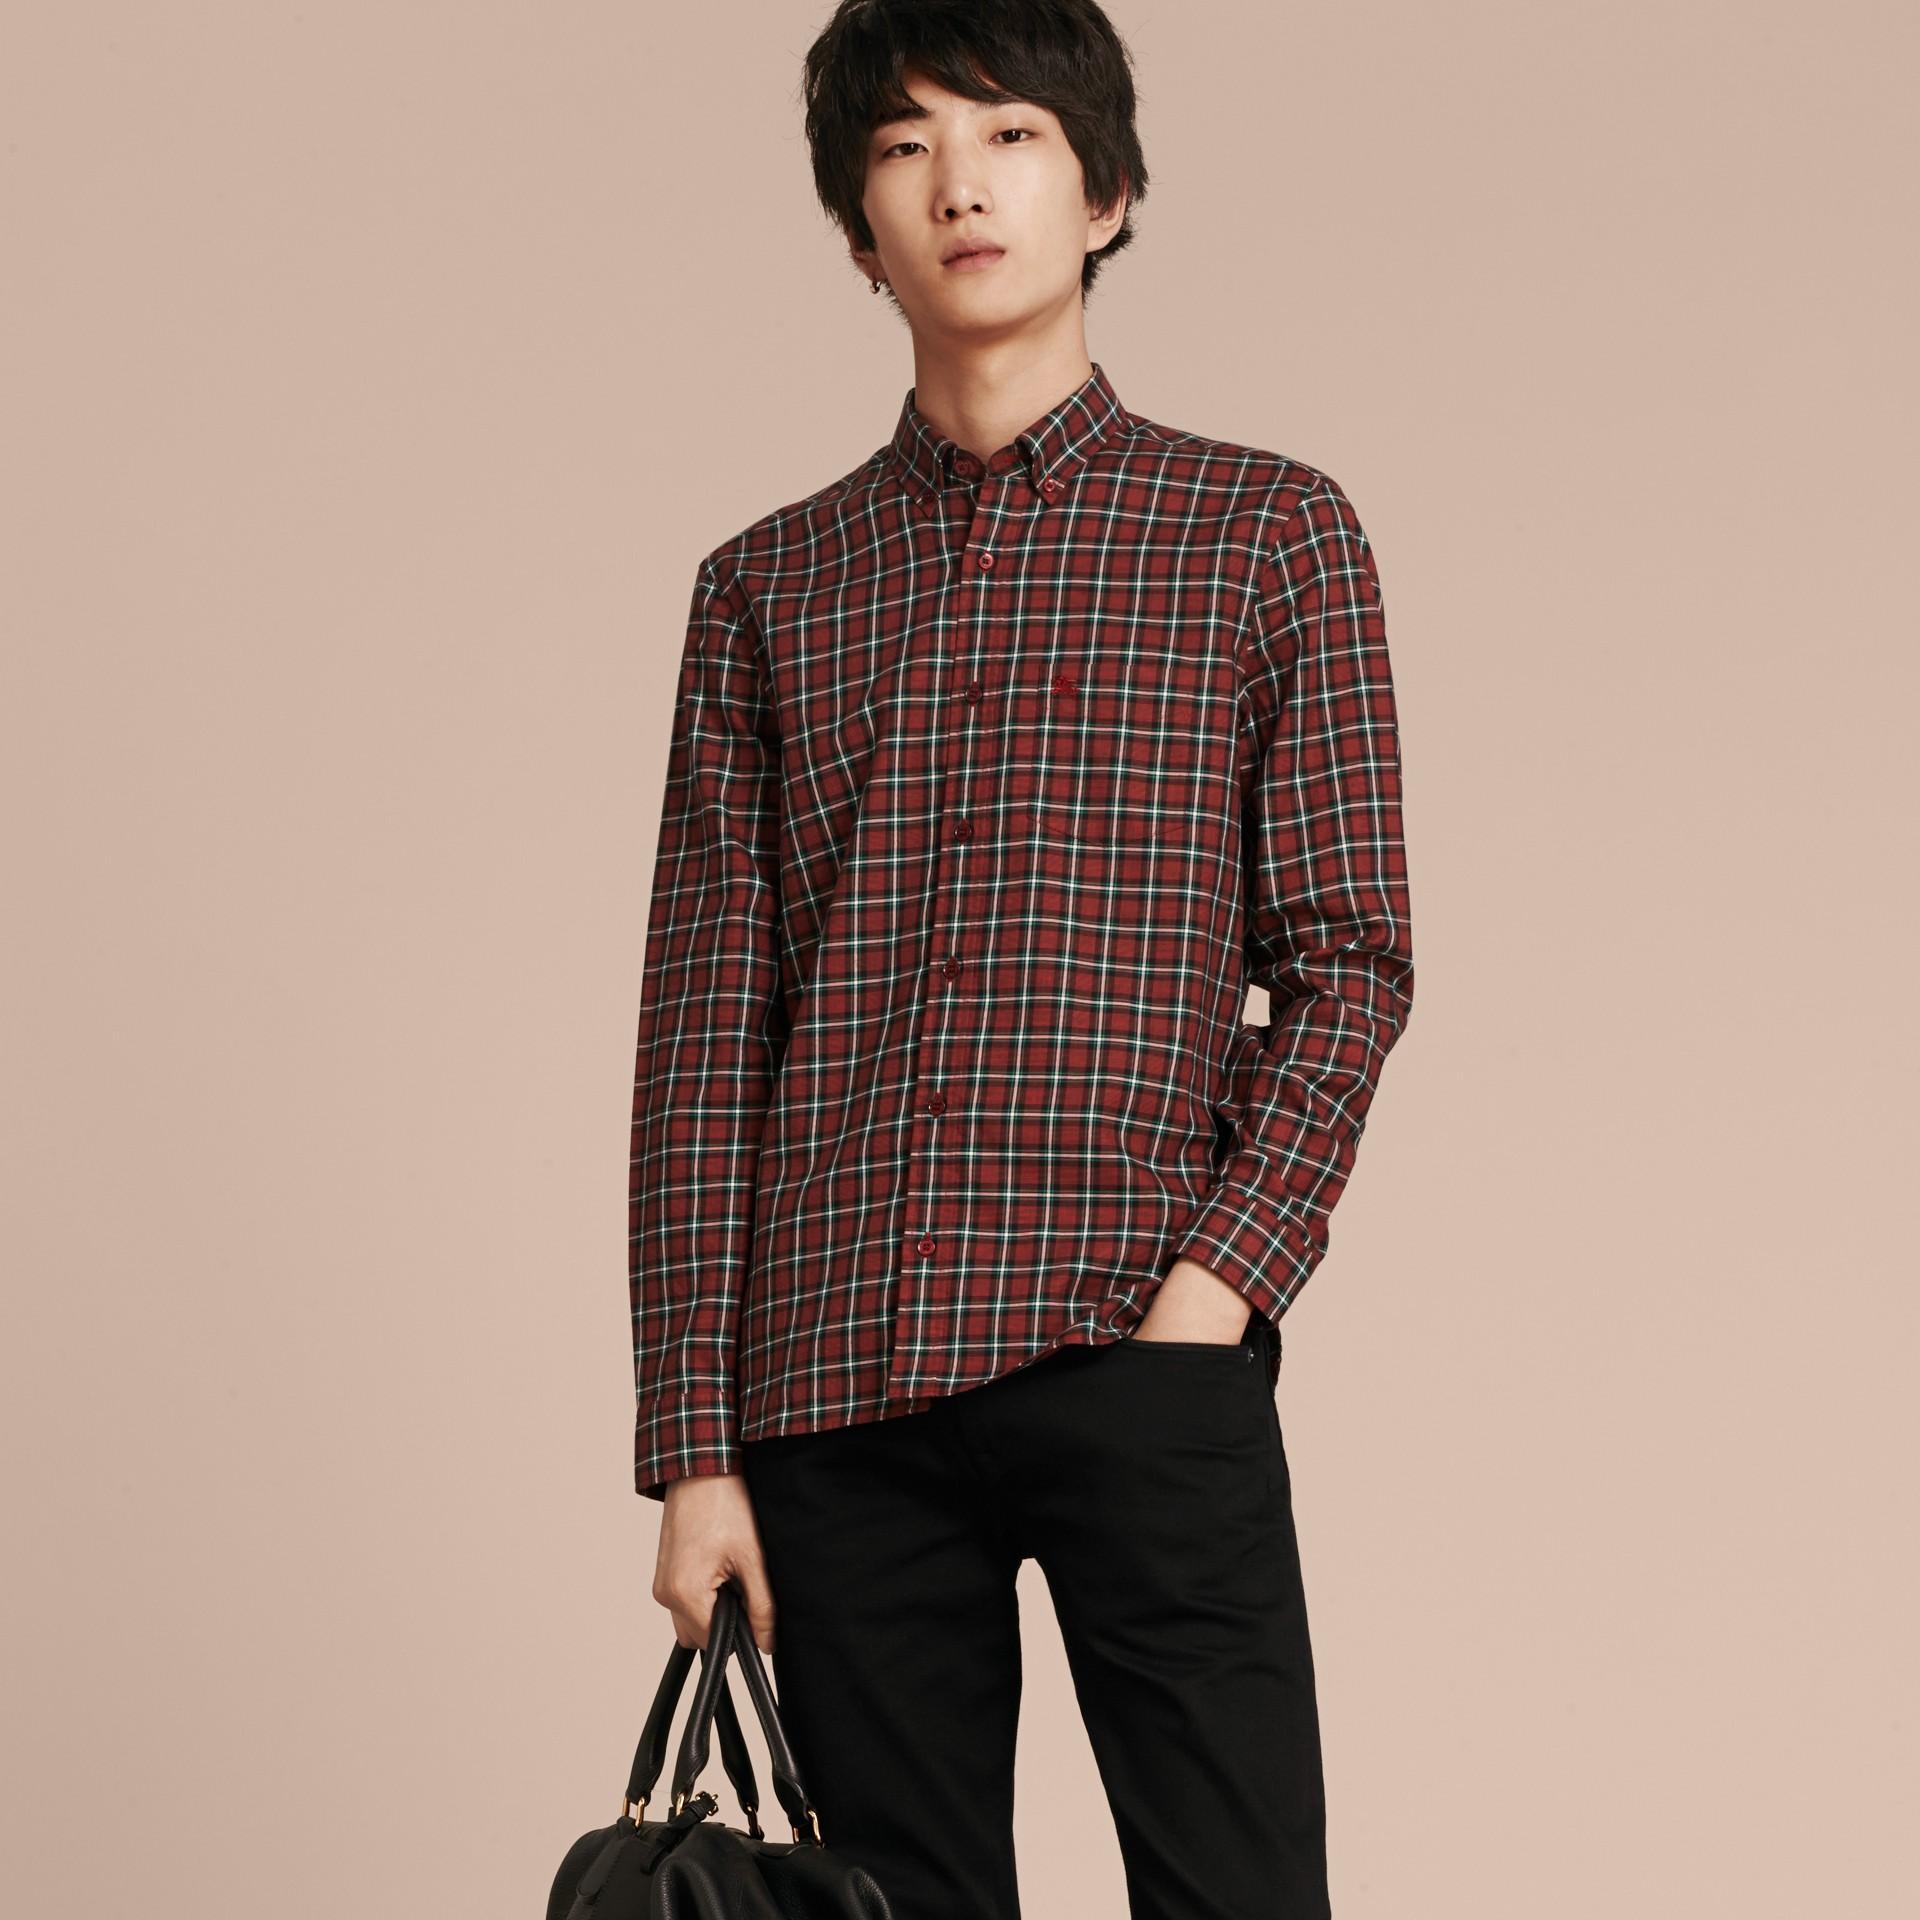 Vermelho Camisa de sarja de algodão com estampa xadrez tartã Vermelho - galeria de imagens 6